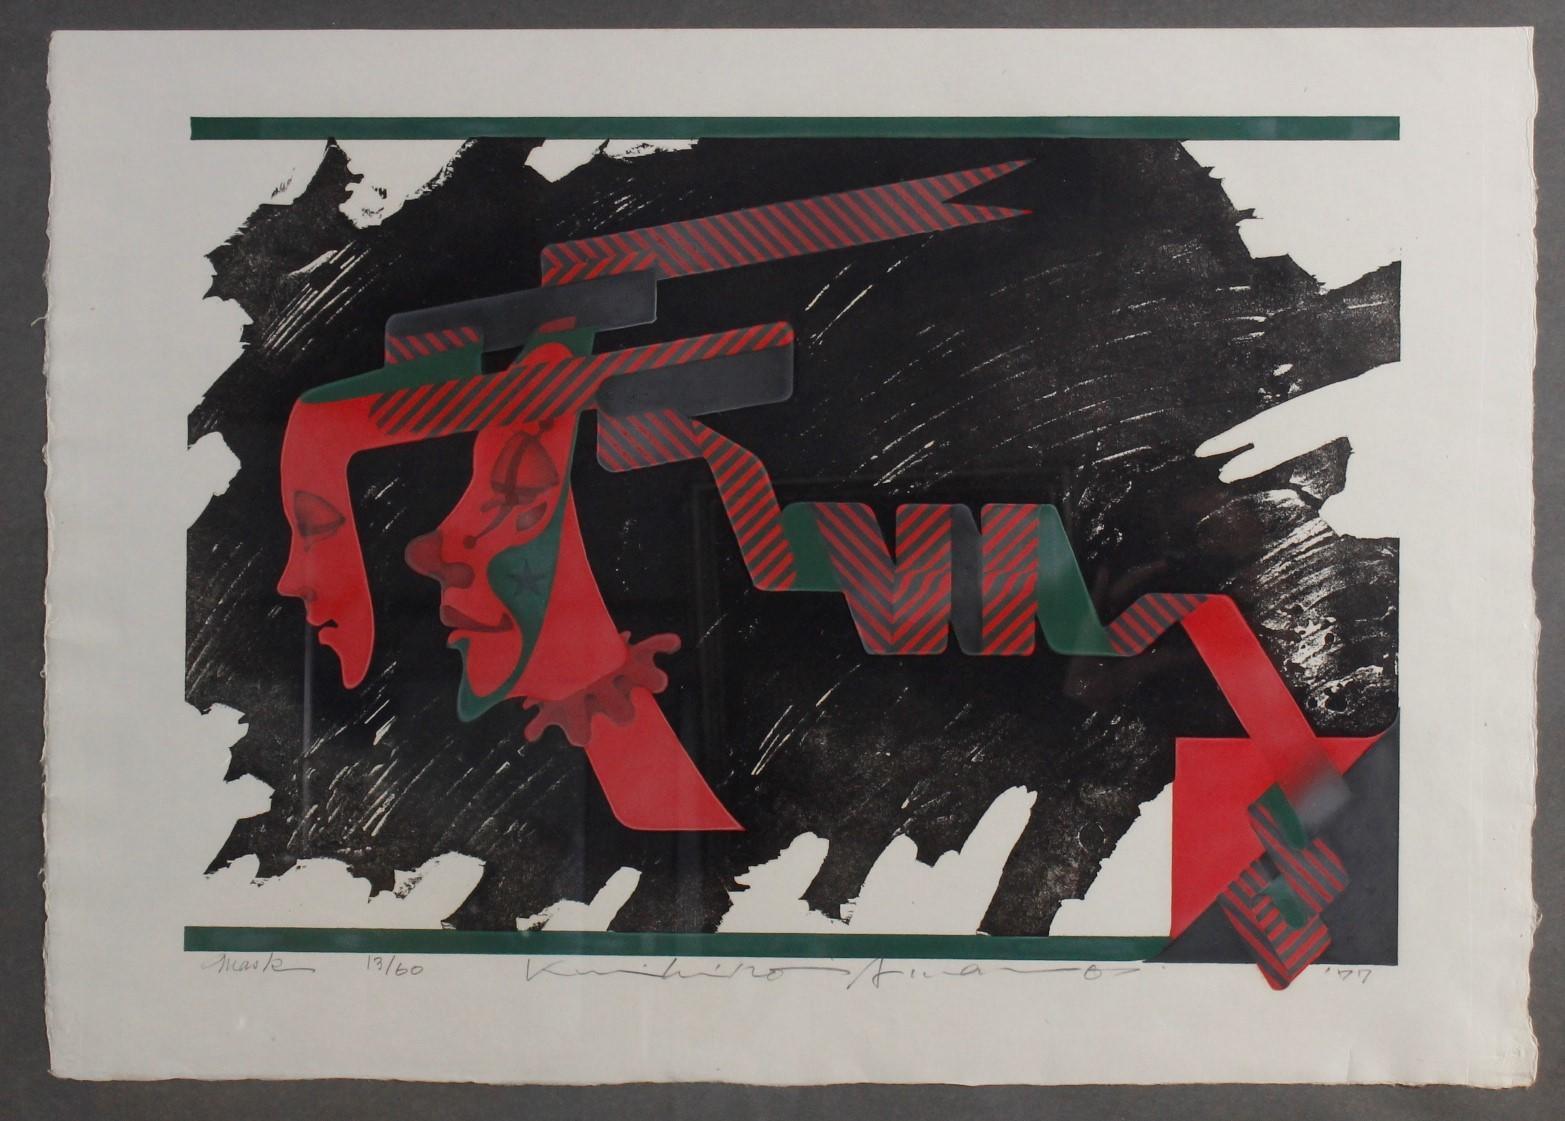 Farblithografie, 'Mask'-2